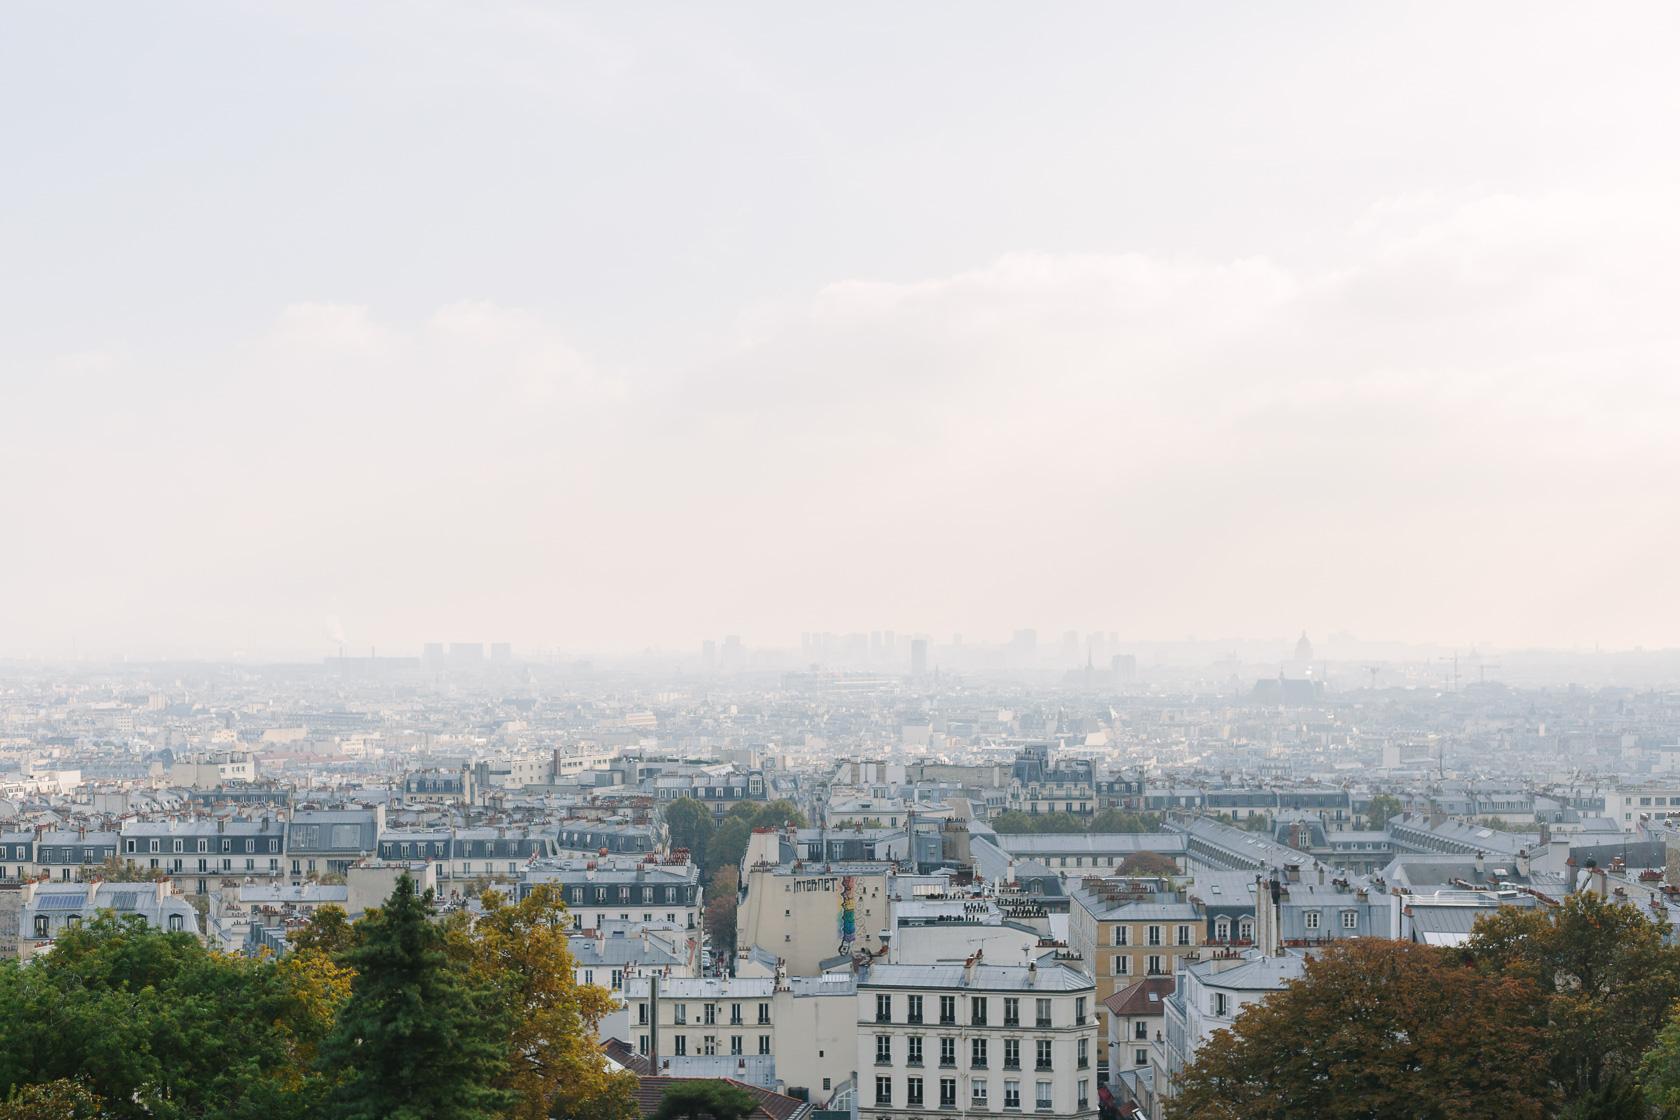 paris-sacre-couer-rooftops-5052